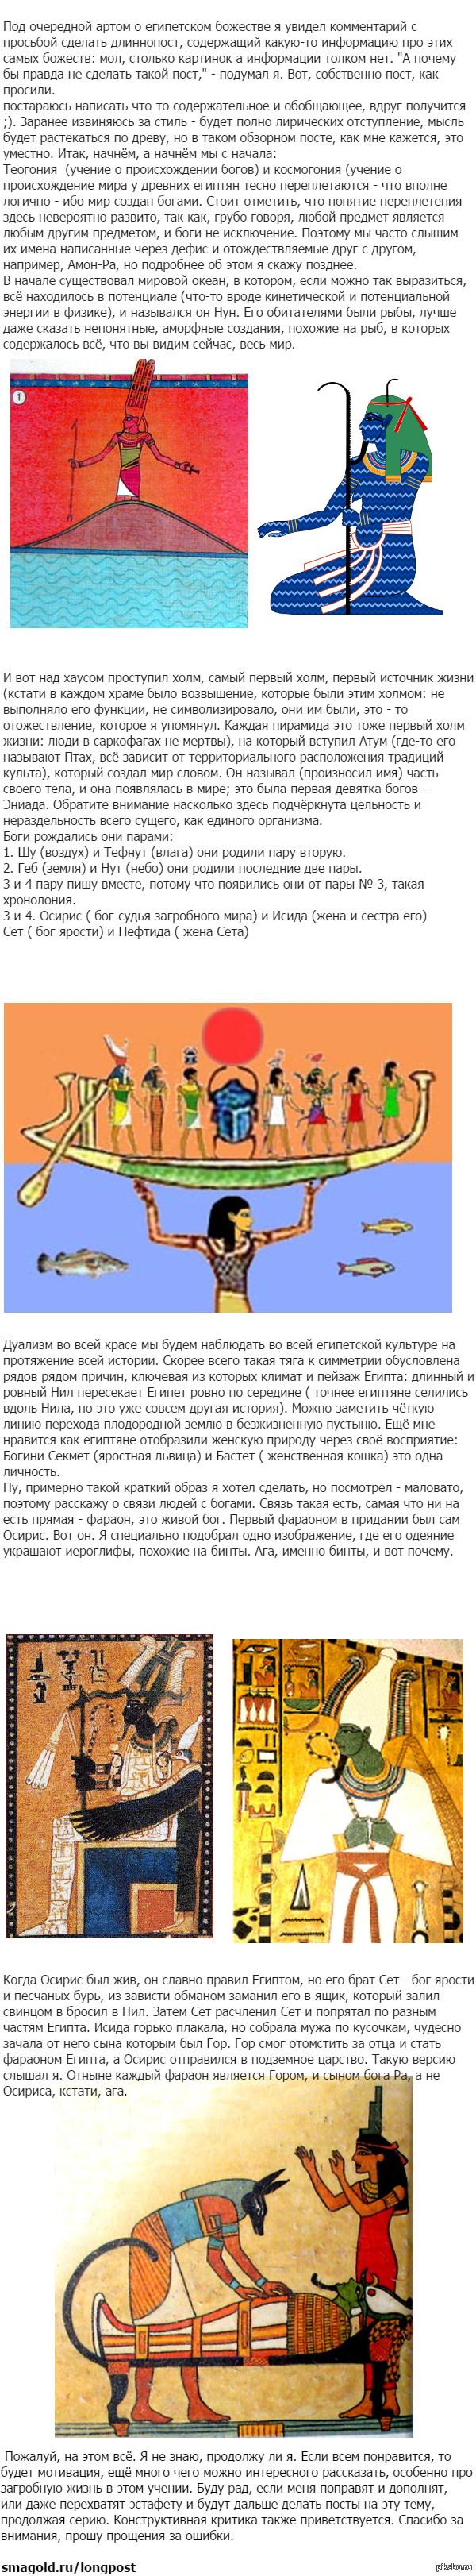 Вводной пост о египетских богах. Мой первый серьёзный пост. Для тех, кто заинтересуется - описание в конце.